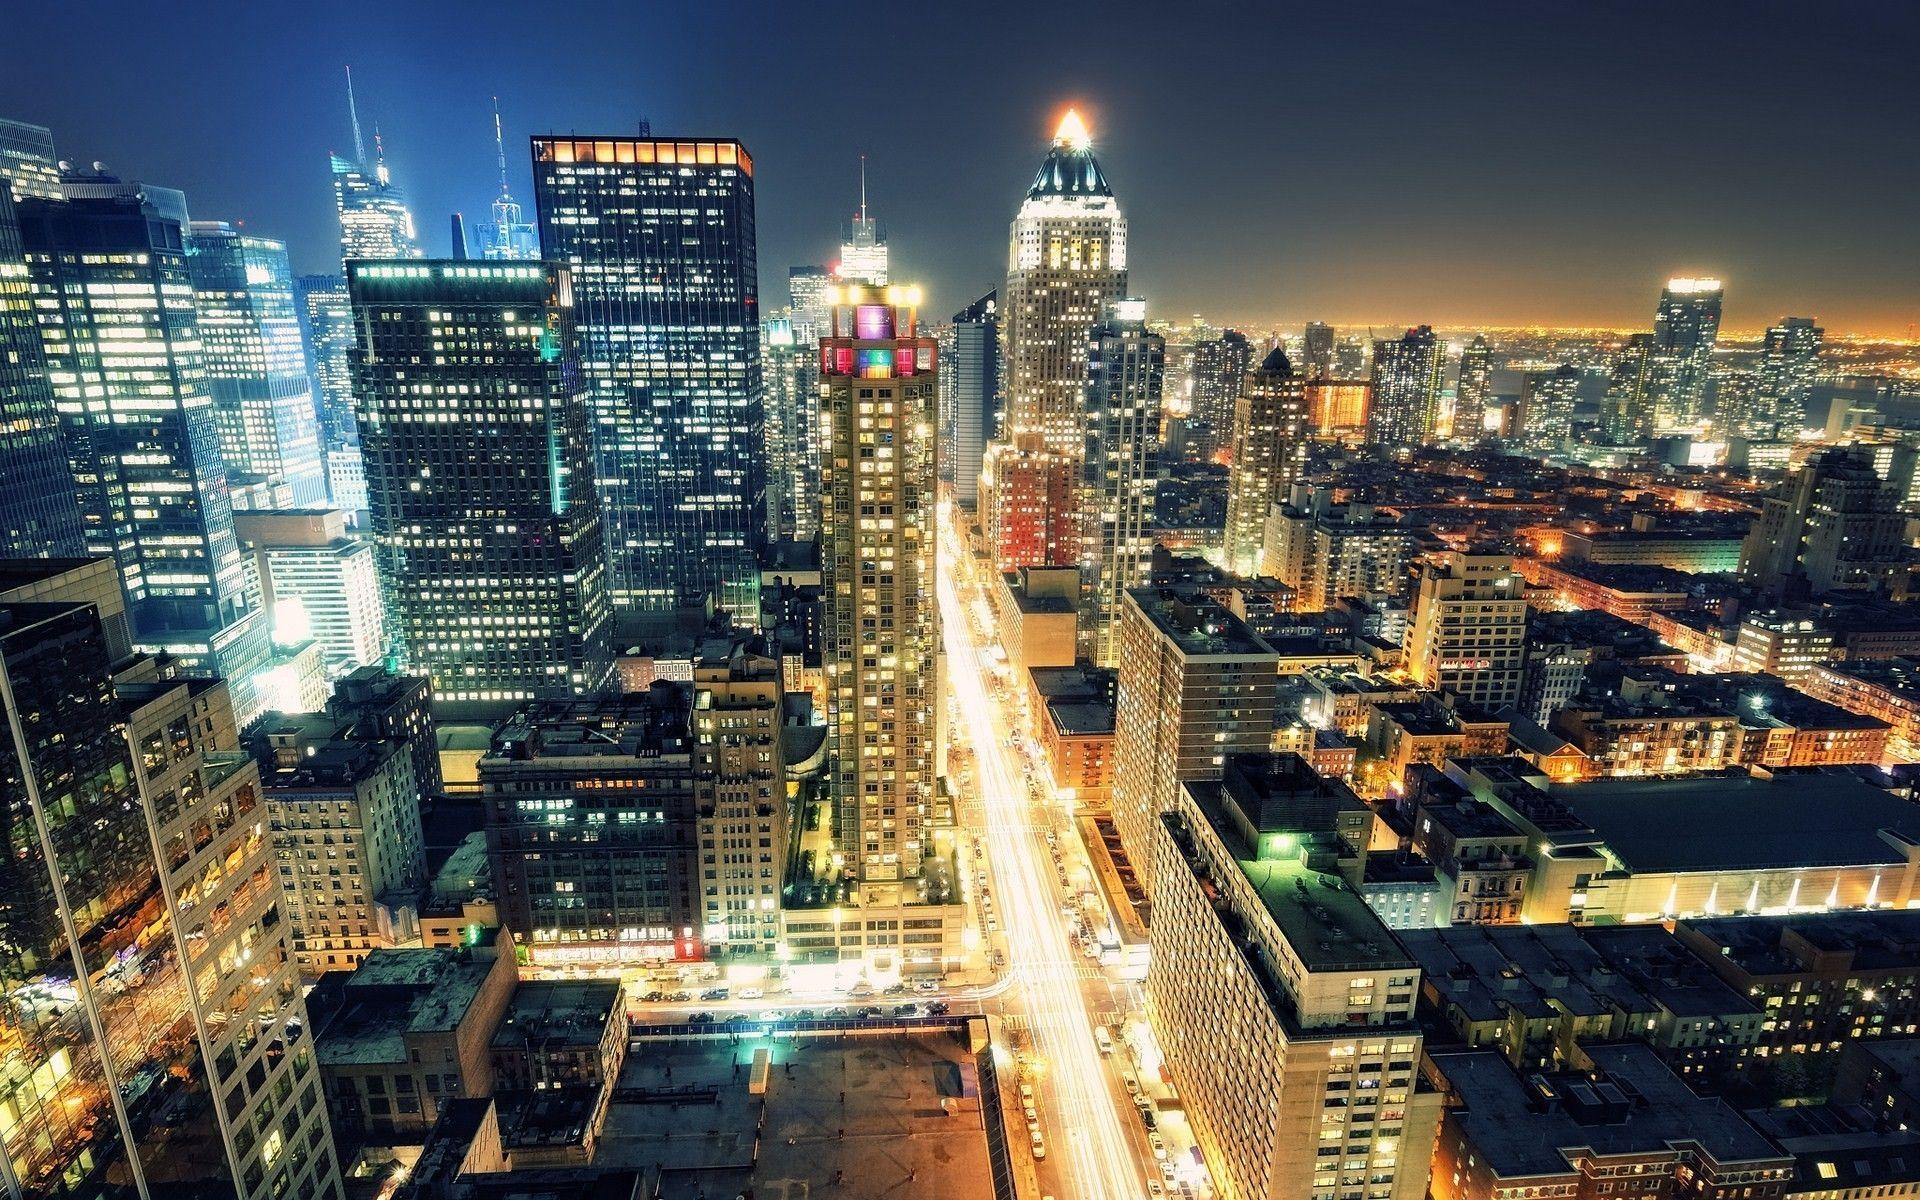 City Landscape Wallpaper HD Amazing #h98h3p7g   Landscapes   Pinterest